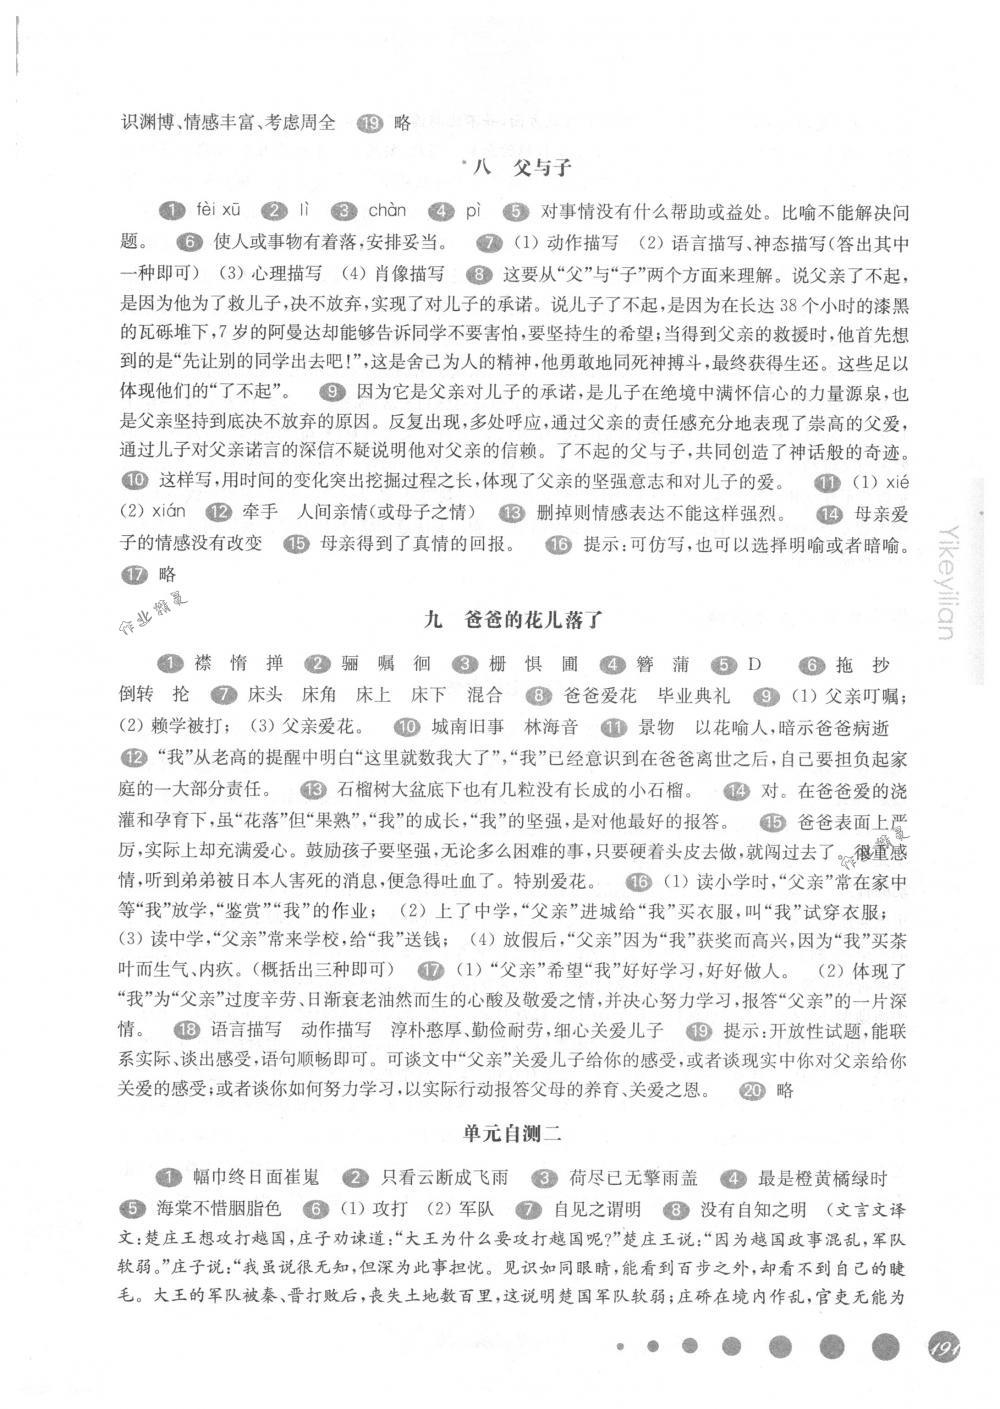 2018年华东师大版一课一练七年级语文第二学期沪教版第5页